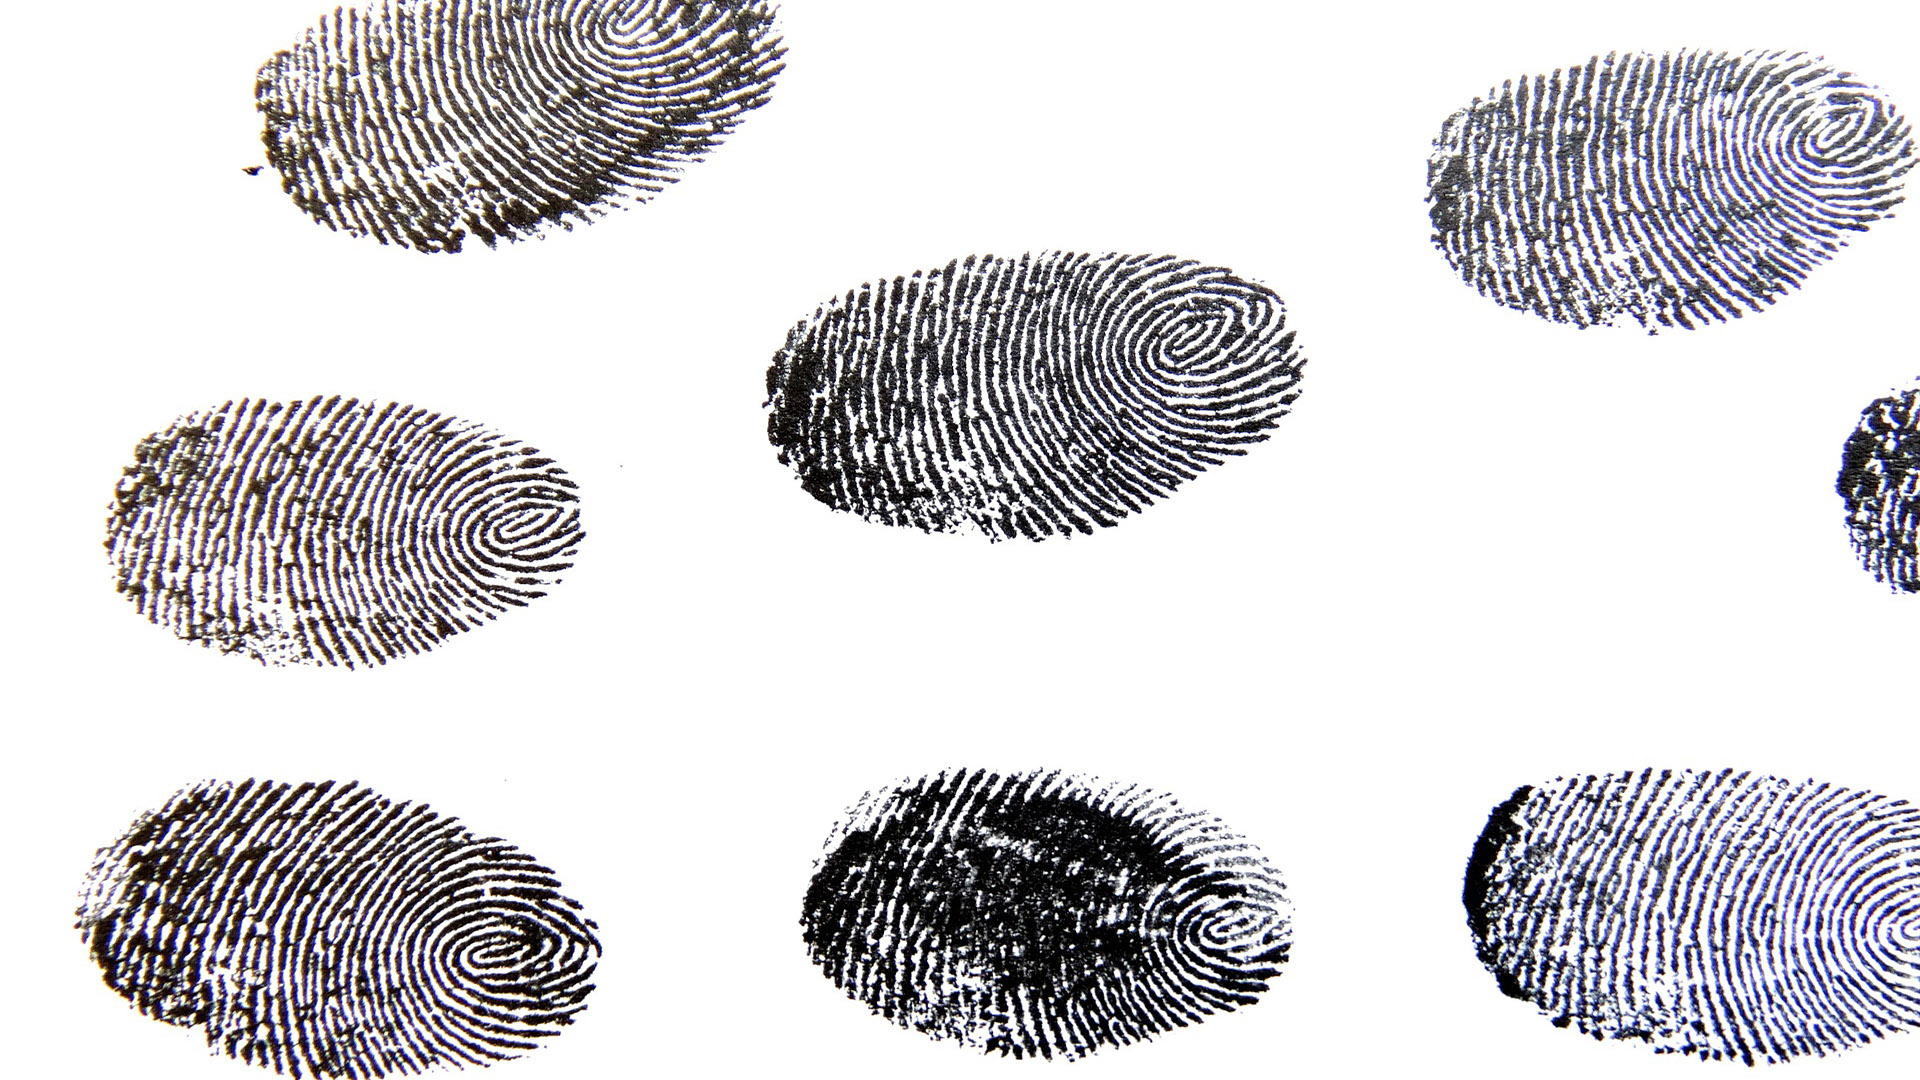 O recolhimento das impressões digitais faz parte da capitação de dados biométricos feitos no CASV.